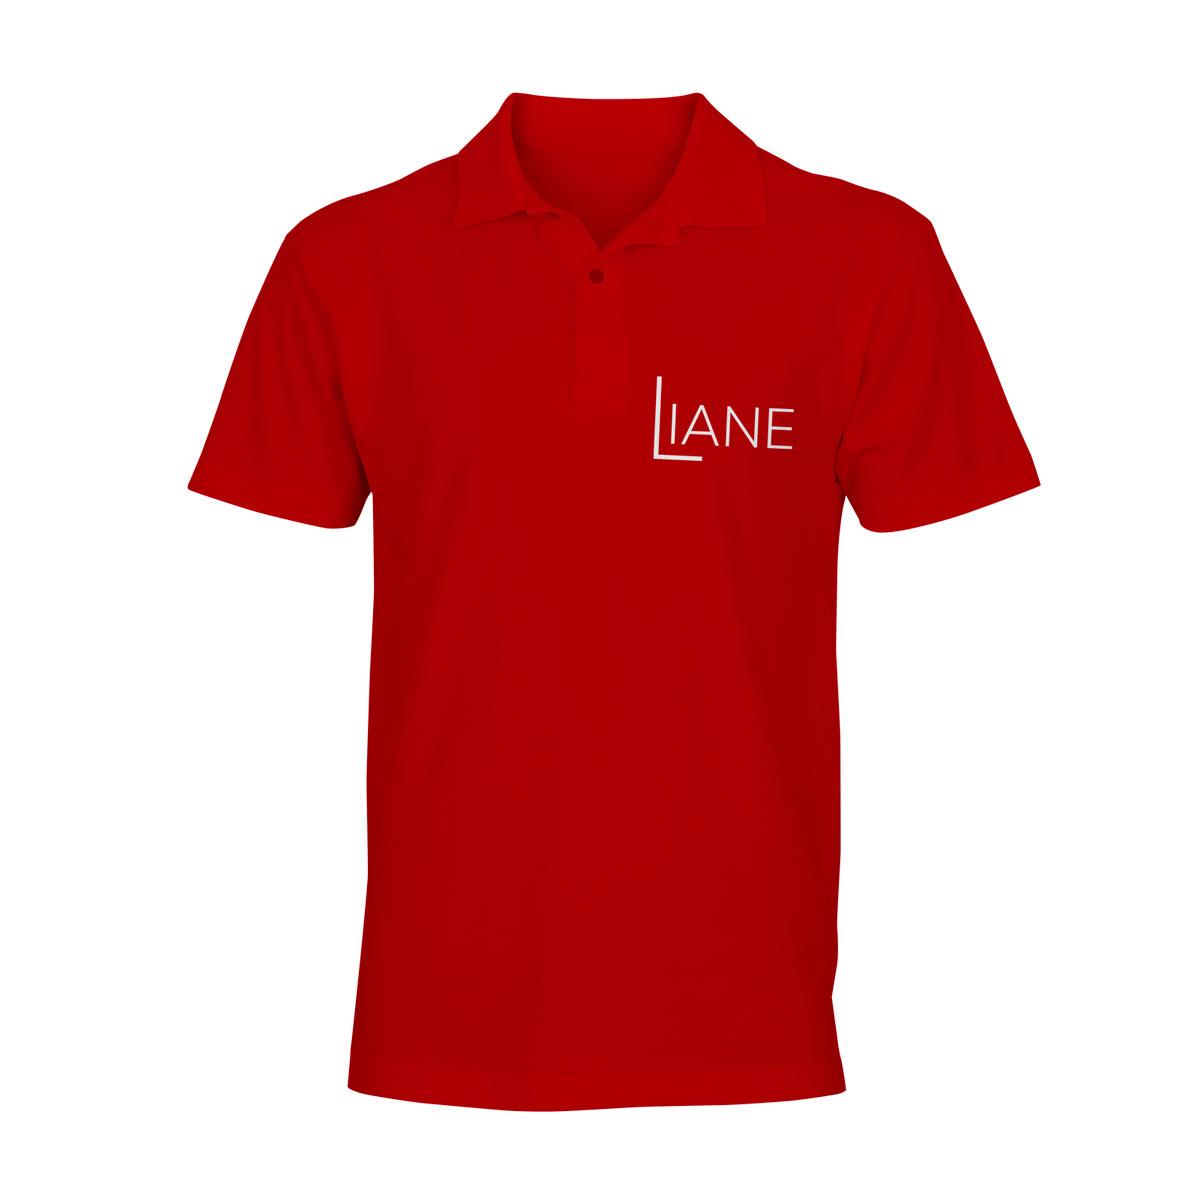 Liane Poloshirt Herren rot